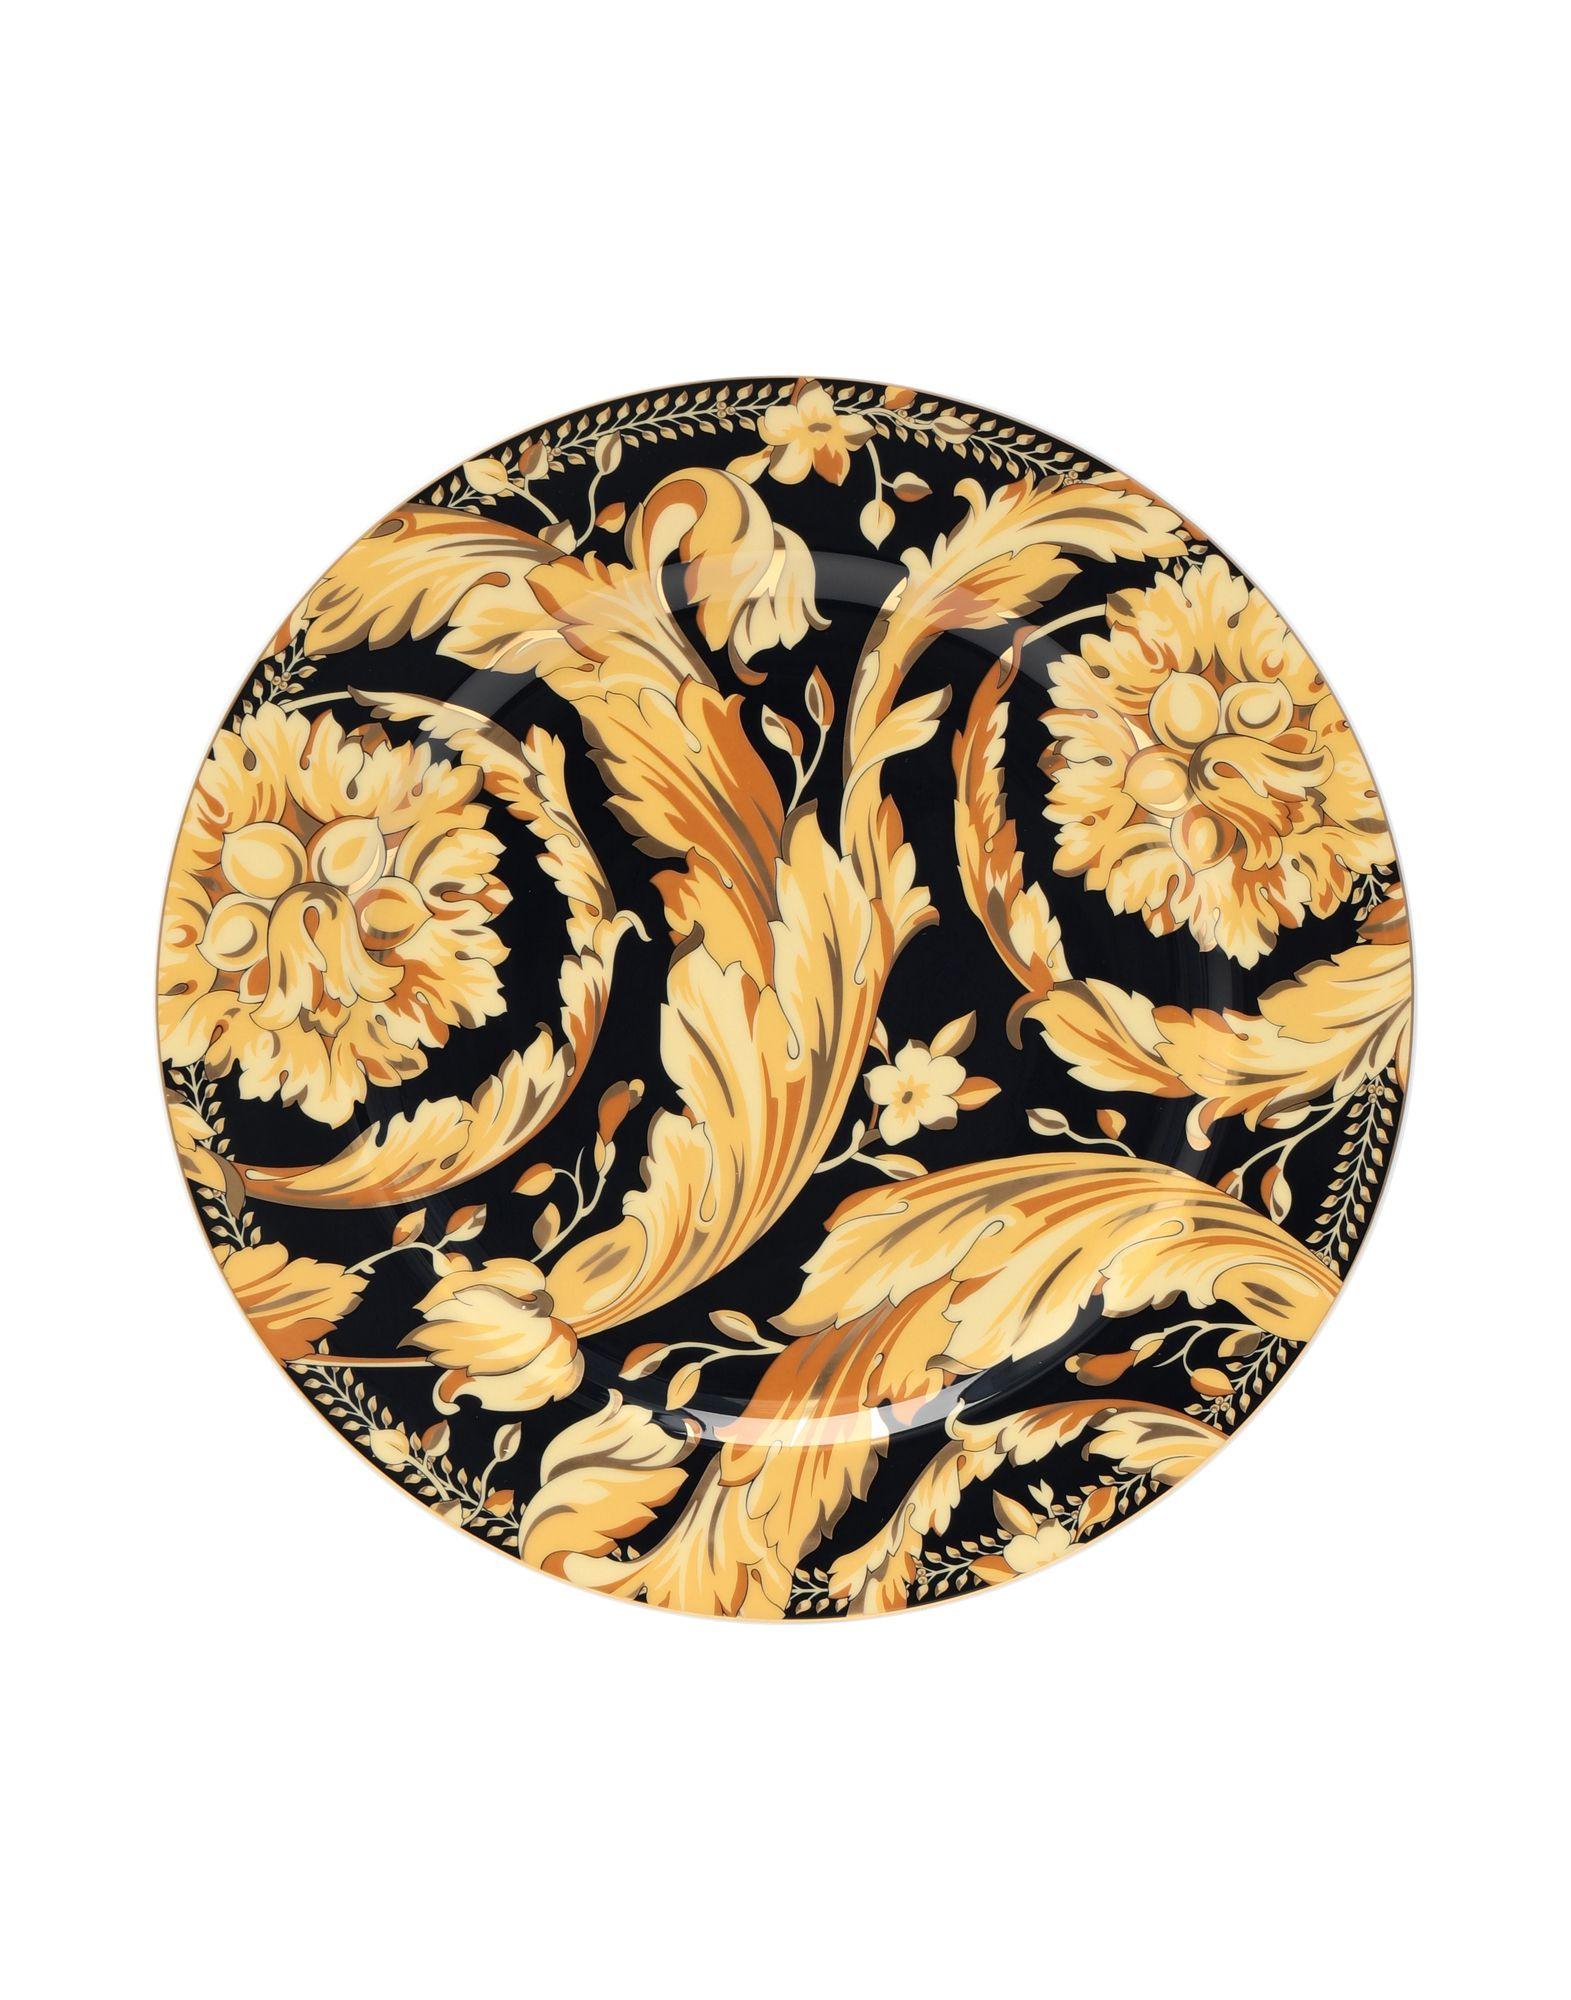 VERSACE Декоративная тарелка декоративная тарелка rich line home decor золотой лист 22 wer 5607 золотой